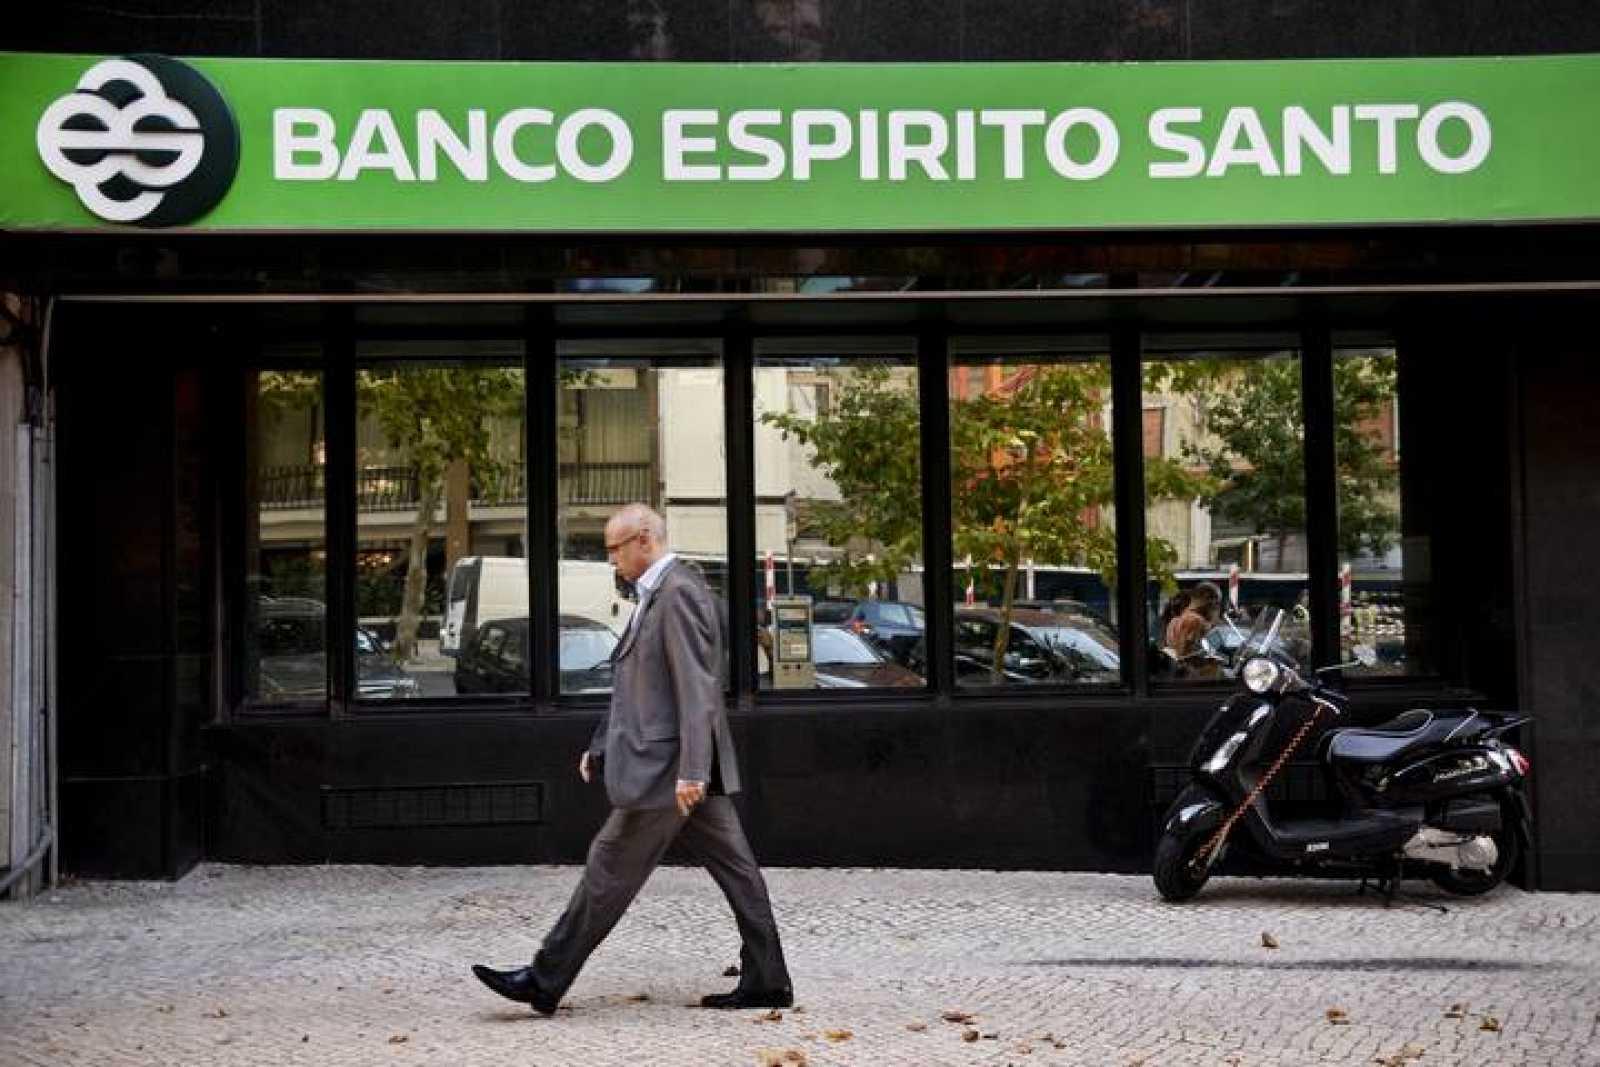 La sede de Banco Espirito Santo en Lisboa